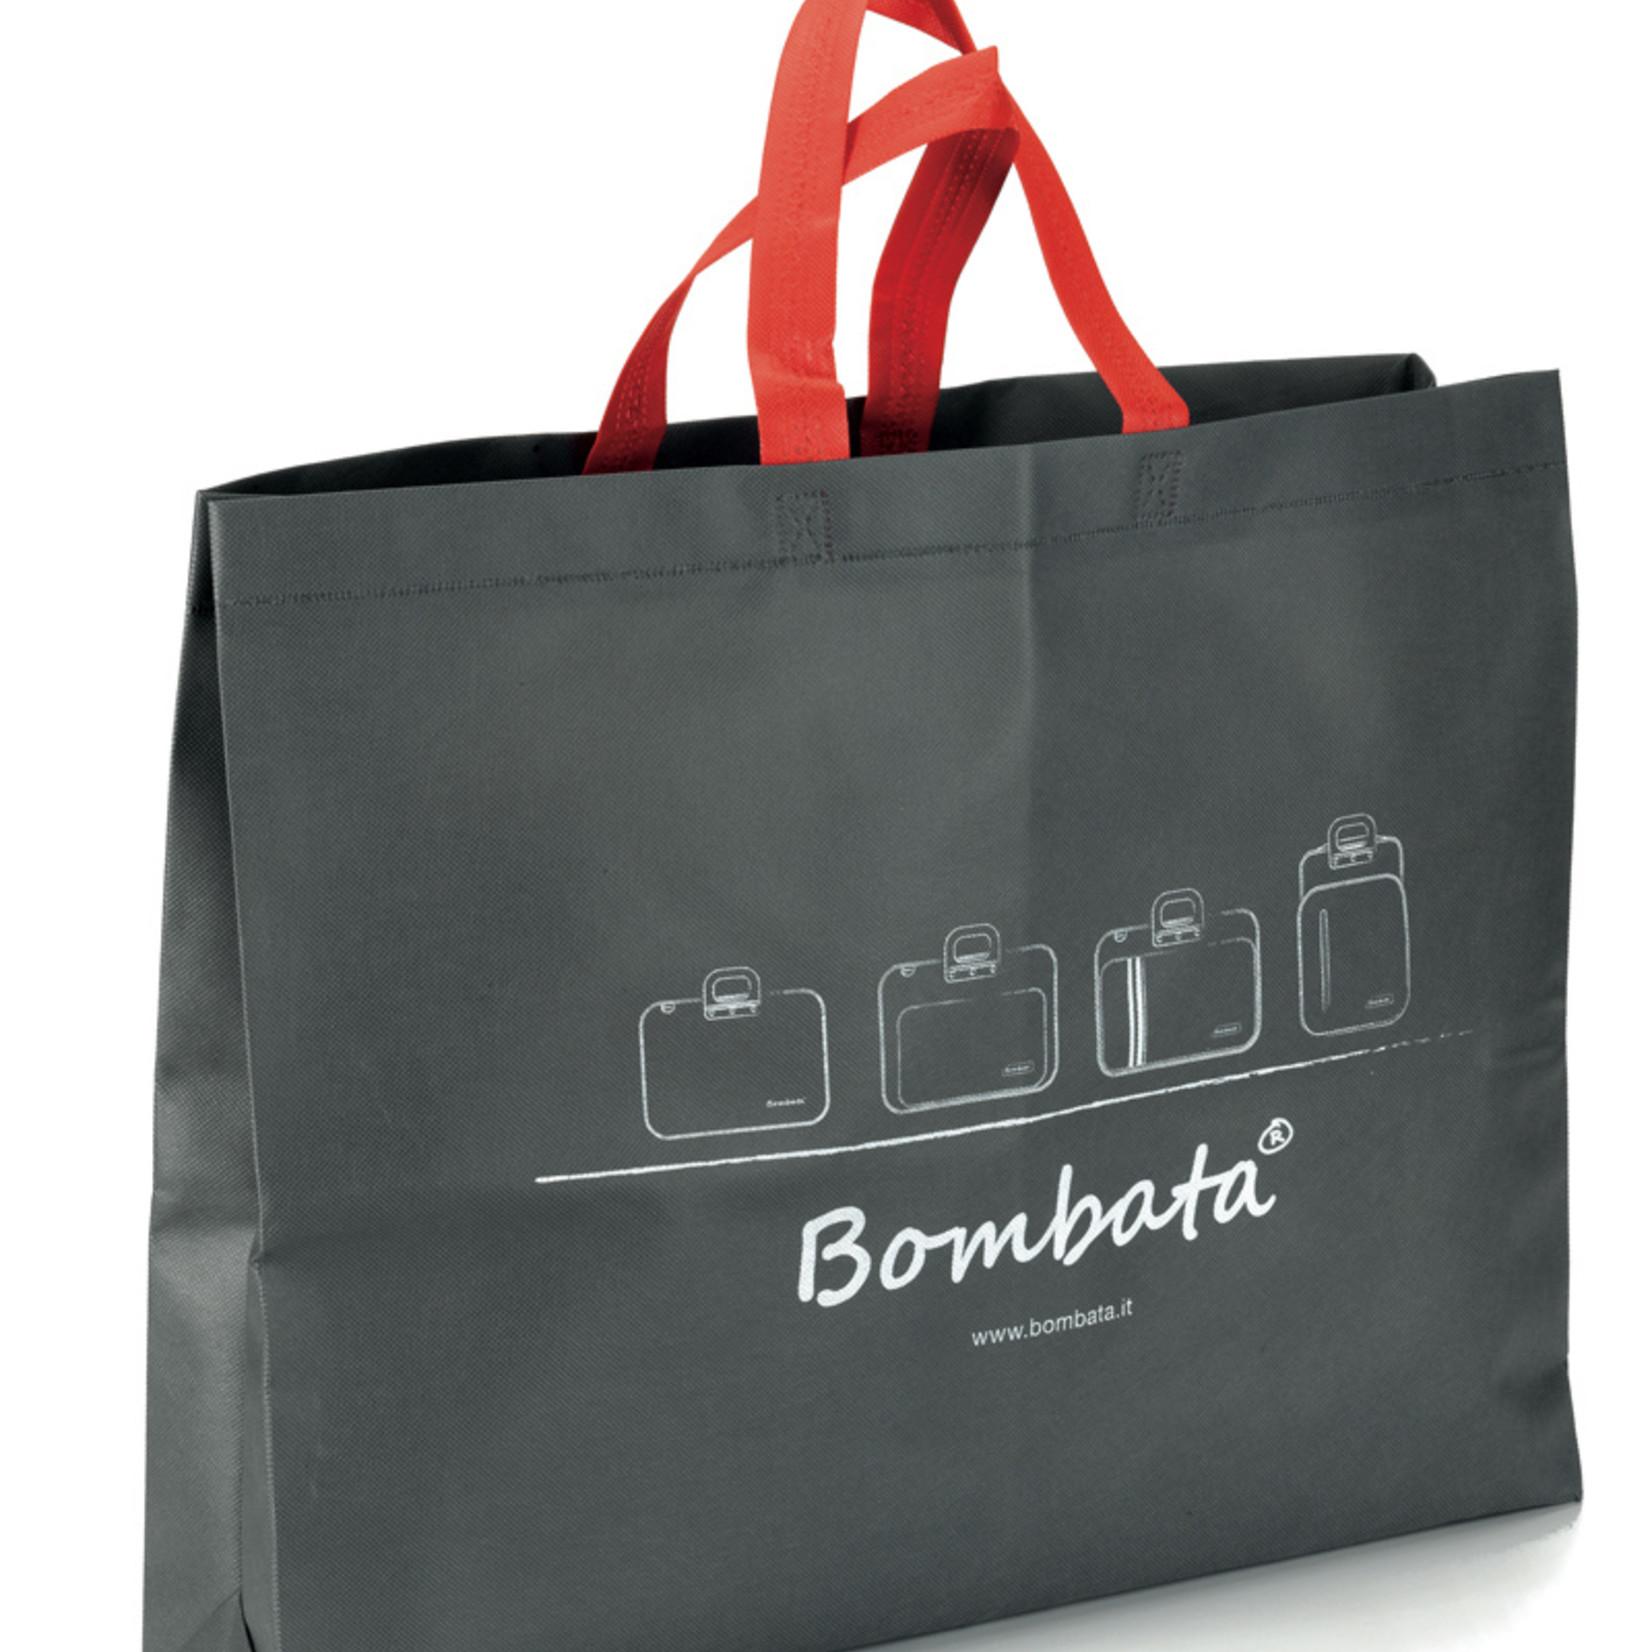 """Bombata Taschen Laptoptasche 15,6""""   Bombata Shiny Cocco   Notebooktasche weinrot"""